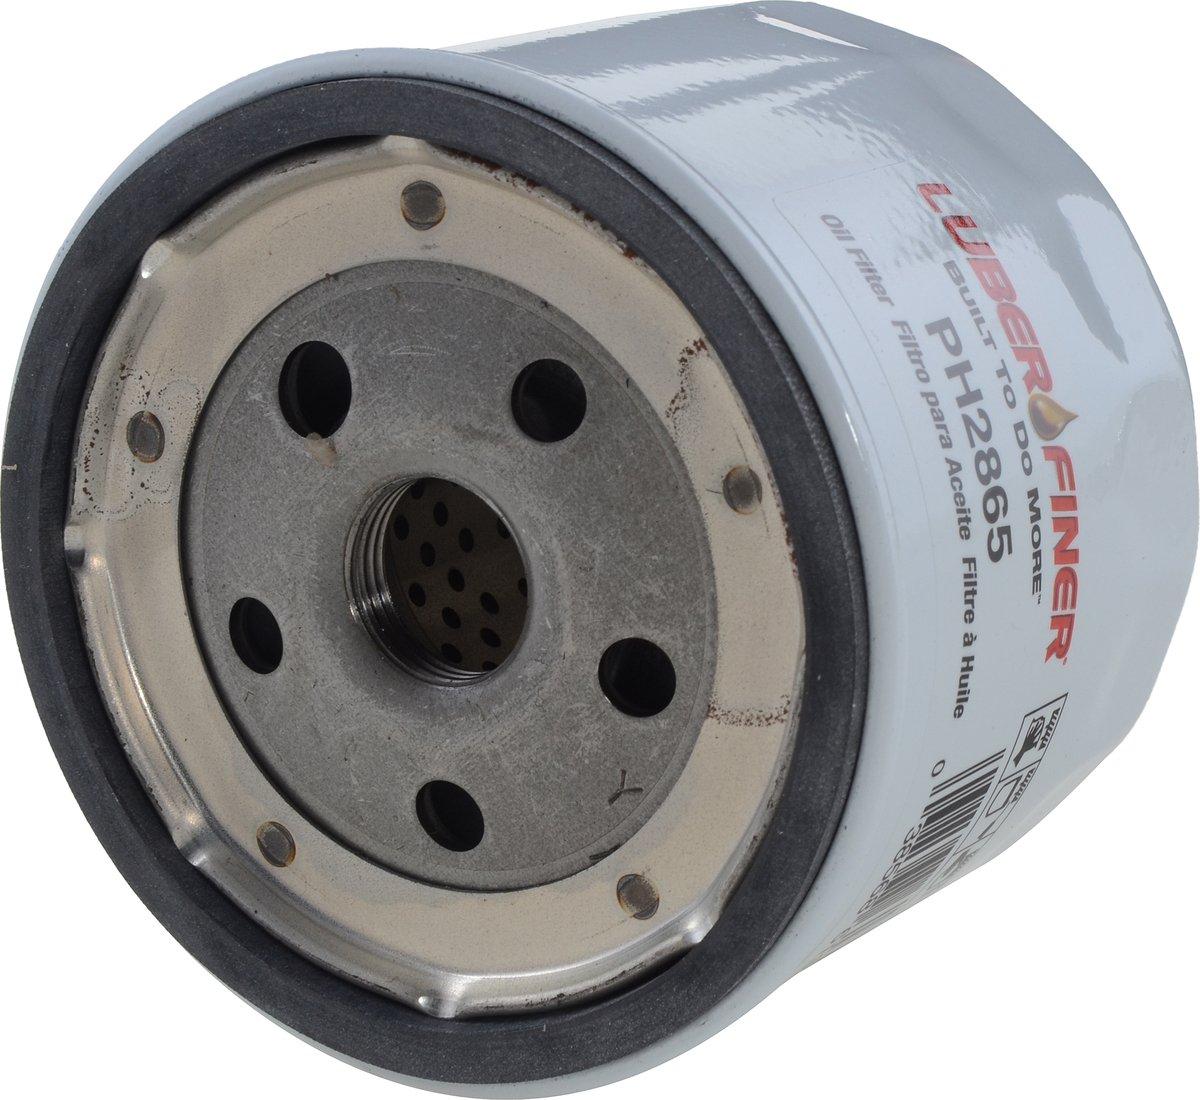 Luber-finer PH2865 Oil Filter